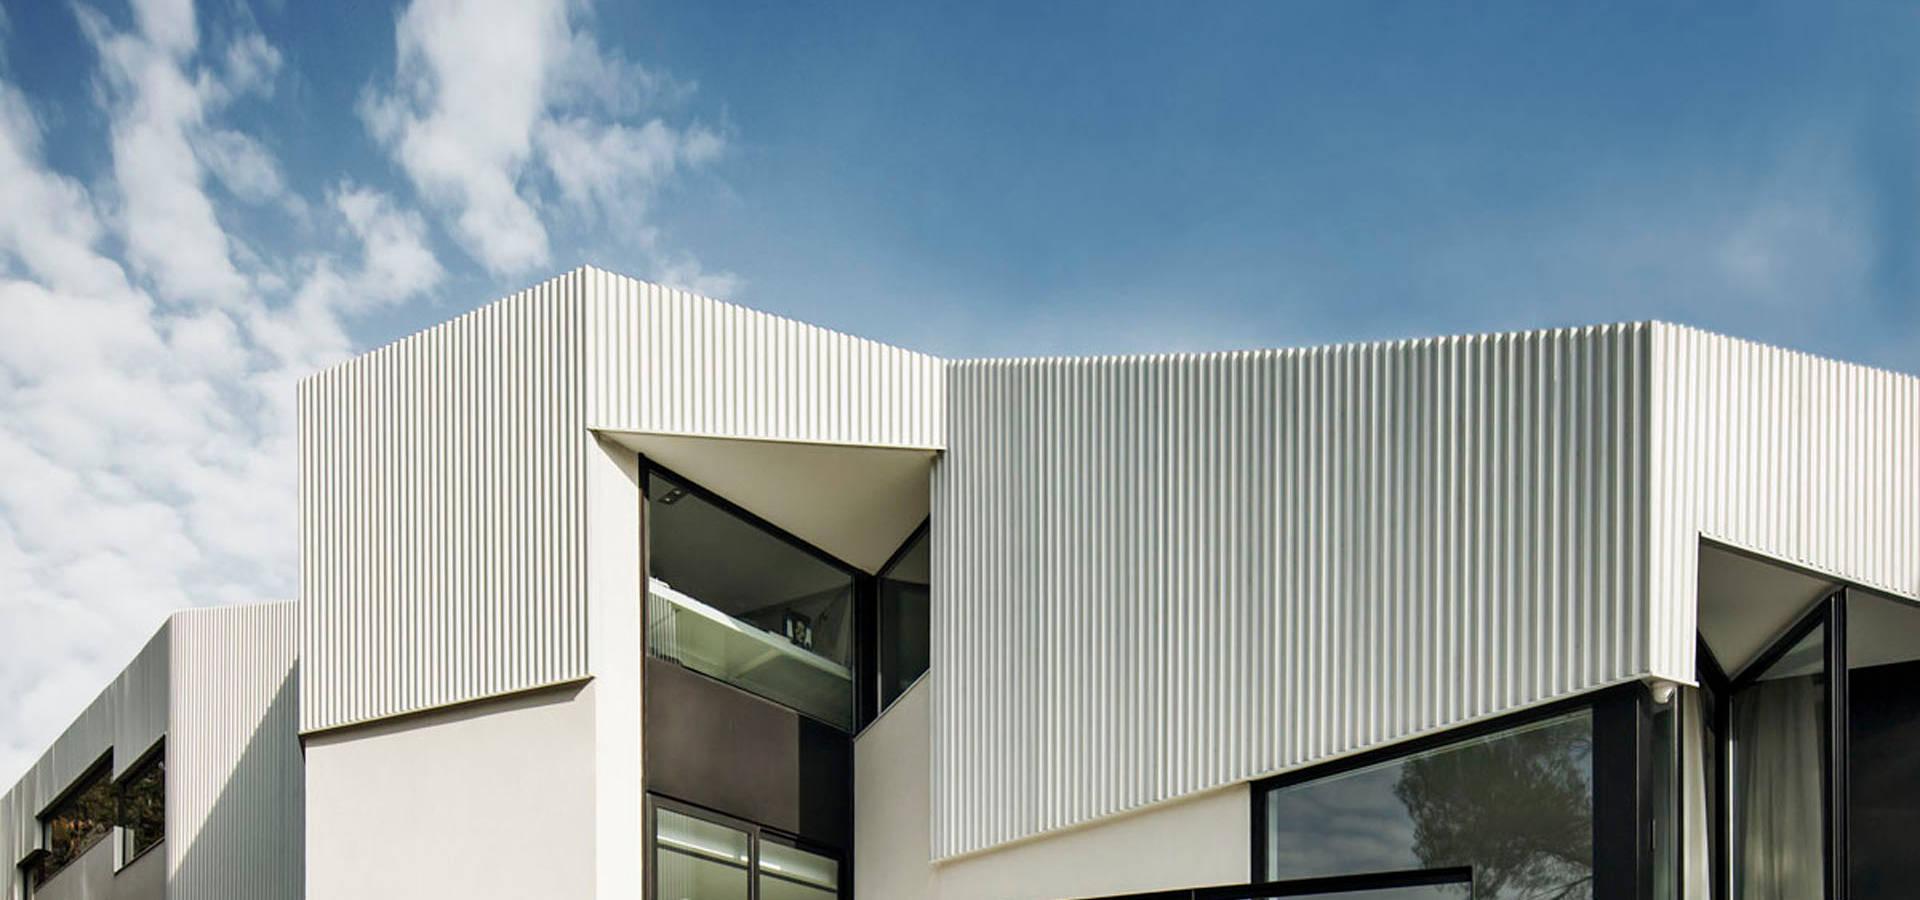 MIRAG Arquitectura i Gestió